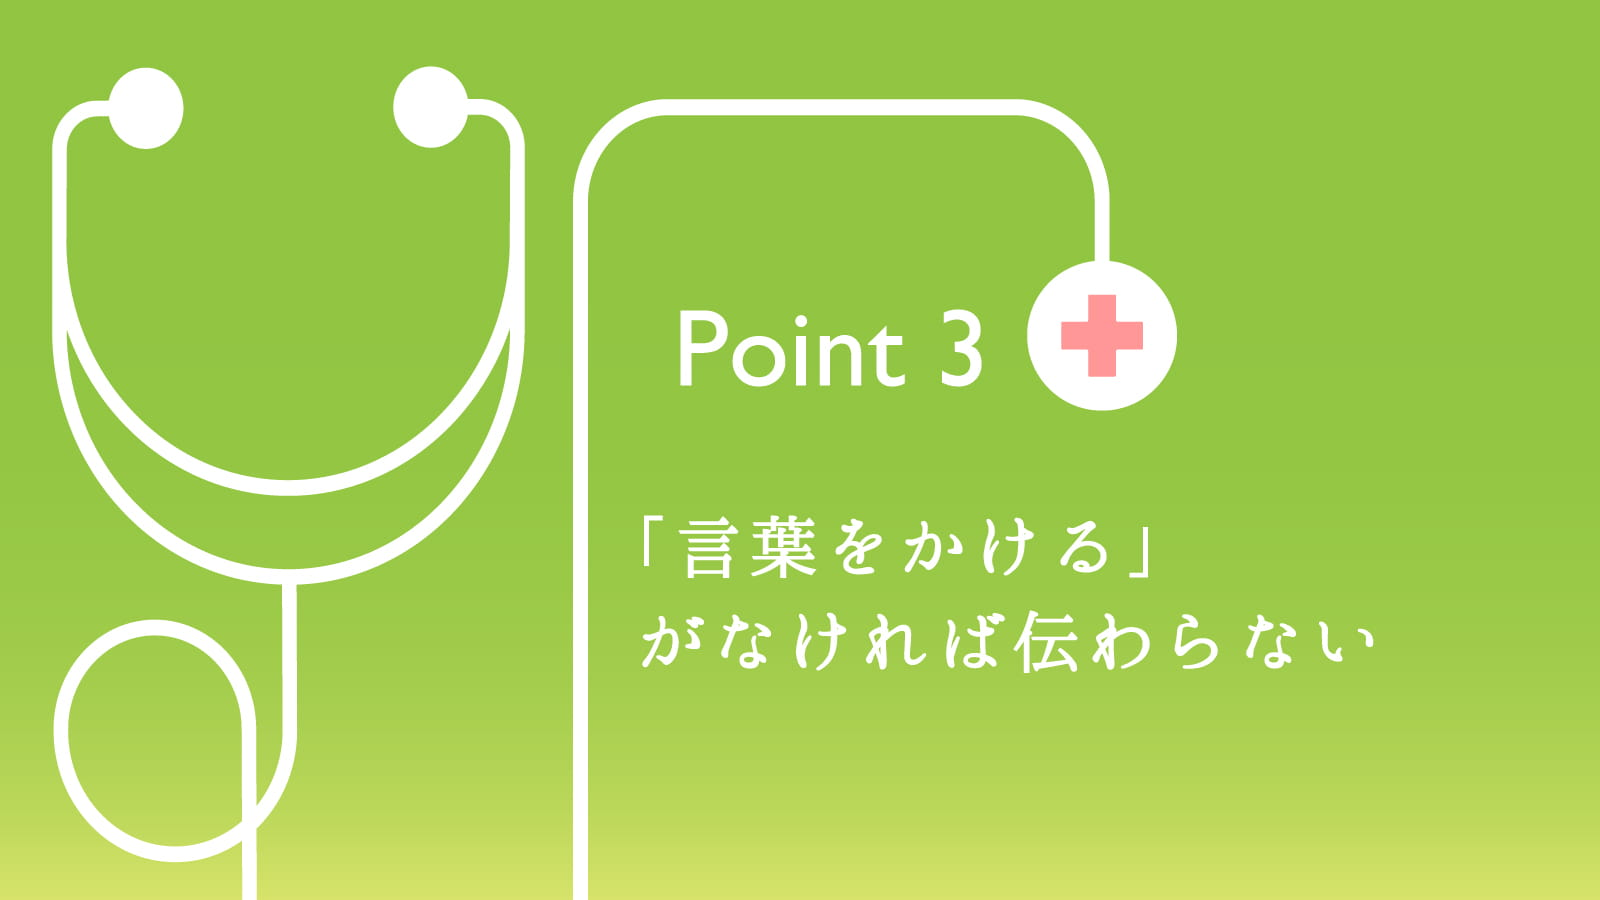 「診る」だけでなく「看る」患者さんの満足度が高いたった3つの医療接遇のポイント